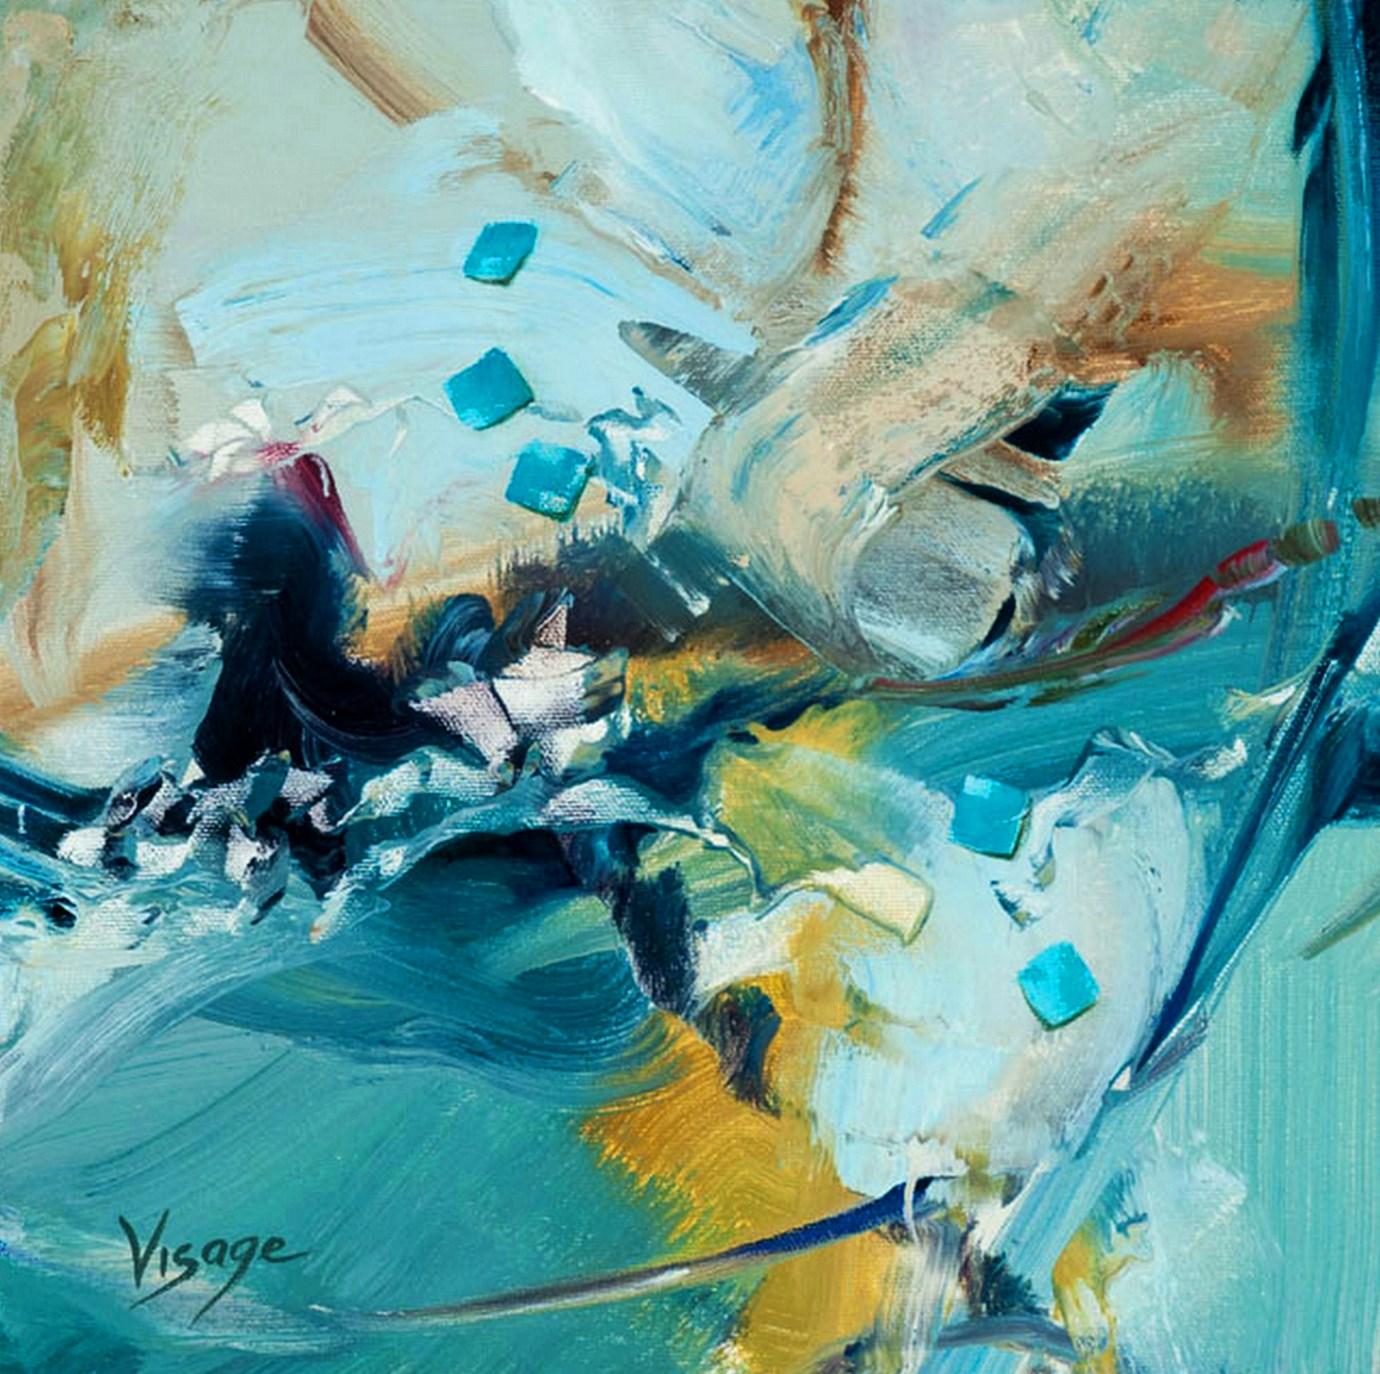 Pintura moderna y fotograf a art stica cuadros for Imagenes de cuadros abstractos rusticos